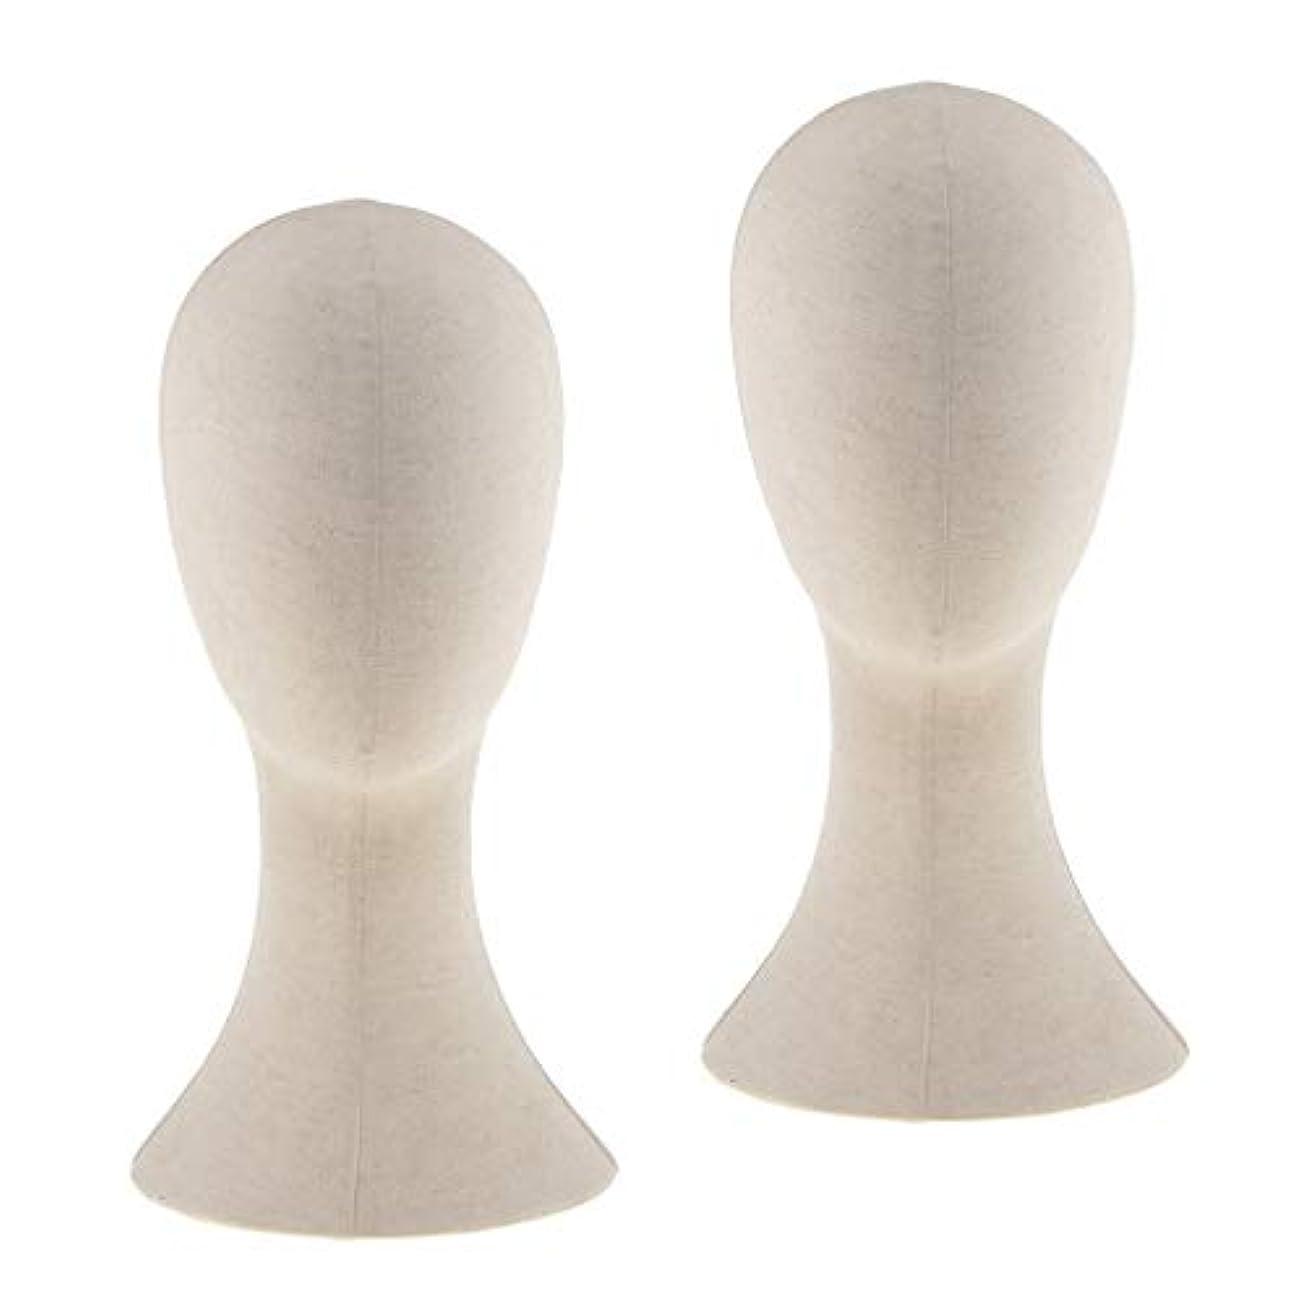 ティーンエイジャー頼む暴露するDYNWAVE マネキンヘッド ウィッグスタンド練習 頭部 女性ウィッグマネキン ディスプレイ 帽子スタンド 2個入り